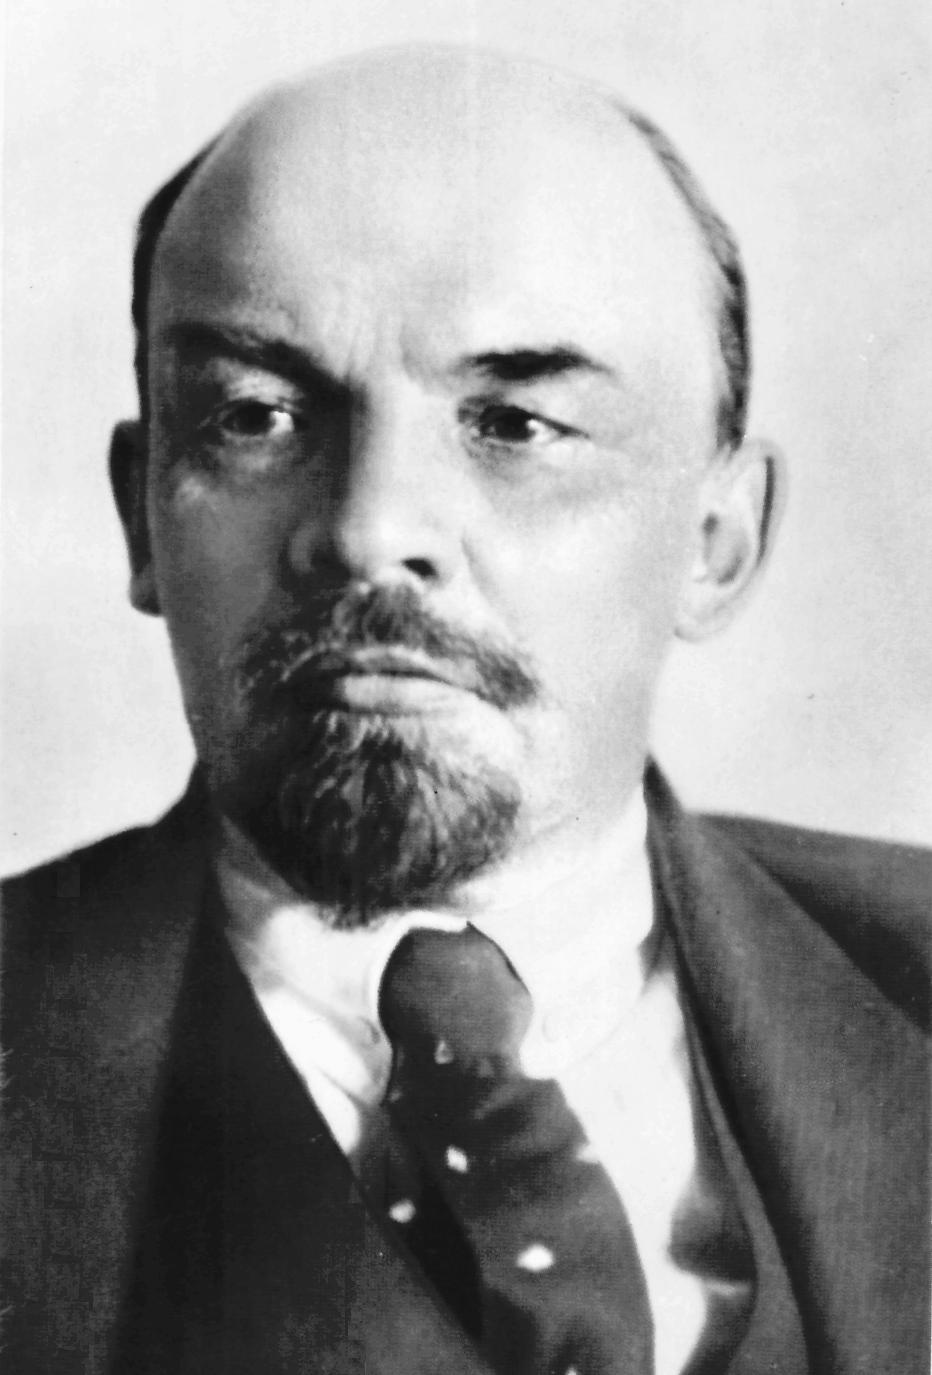 Lider Rosyjskiej Partii Komunistycznej (bolszewików) Źródło: Lider Rosyjskiej Partii Komunistycznej (bolszewików), 1918, domena publiczna.